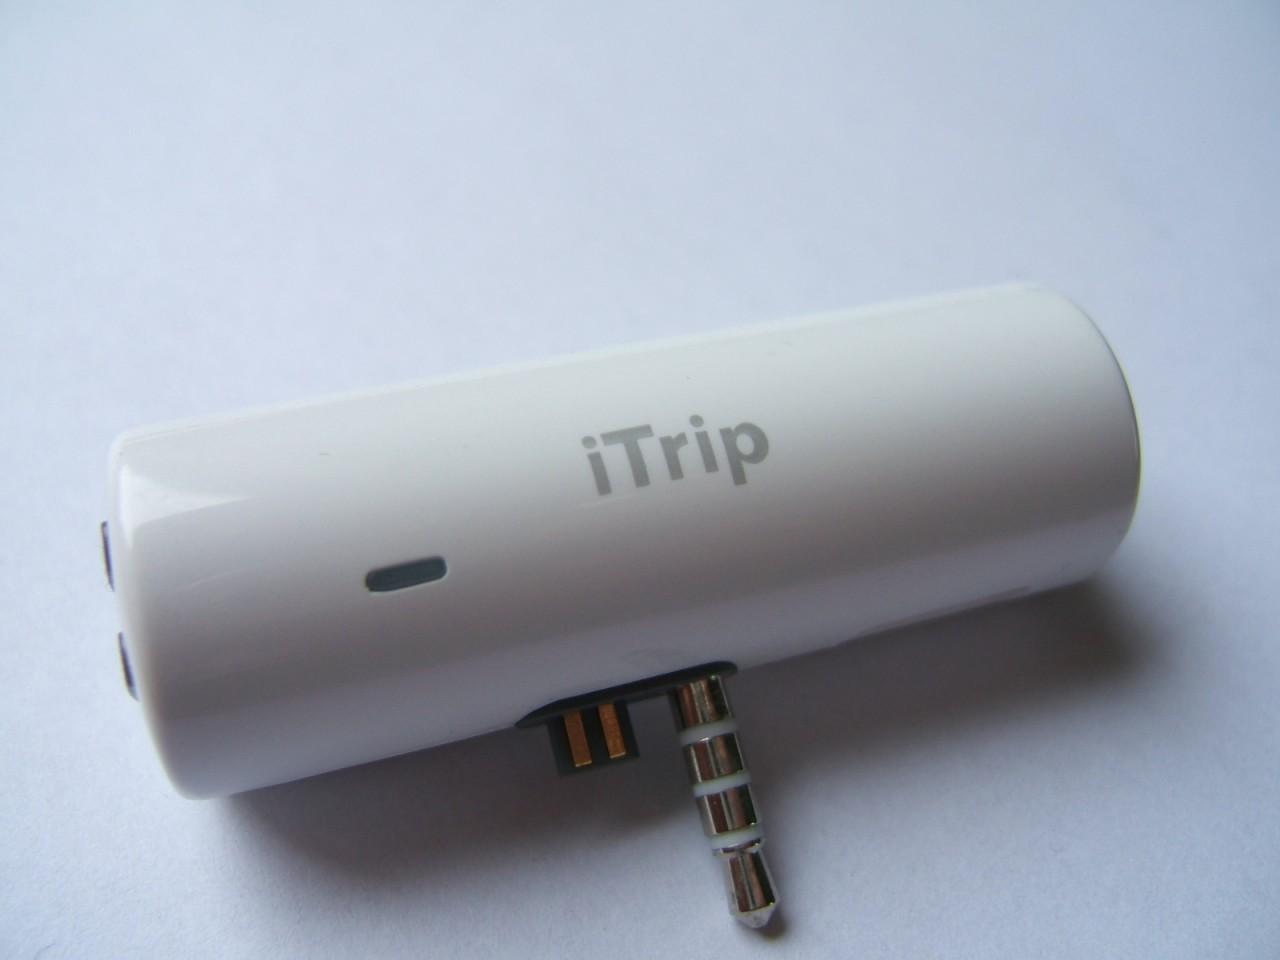 file itrip jpg wikimedia